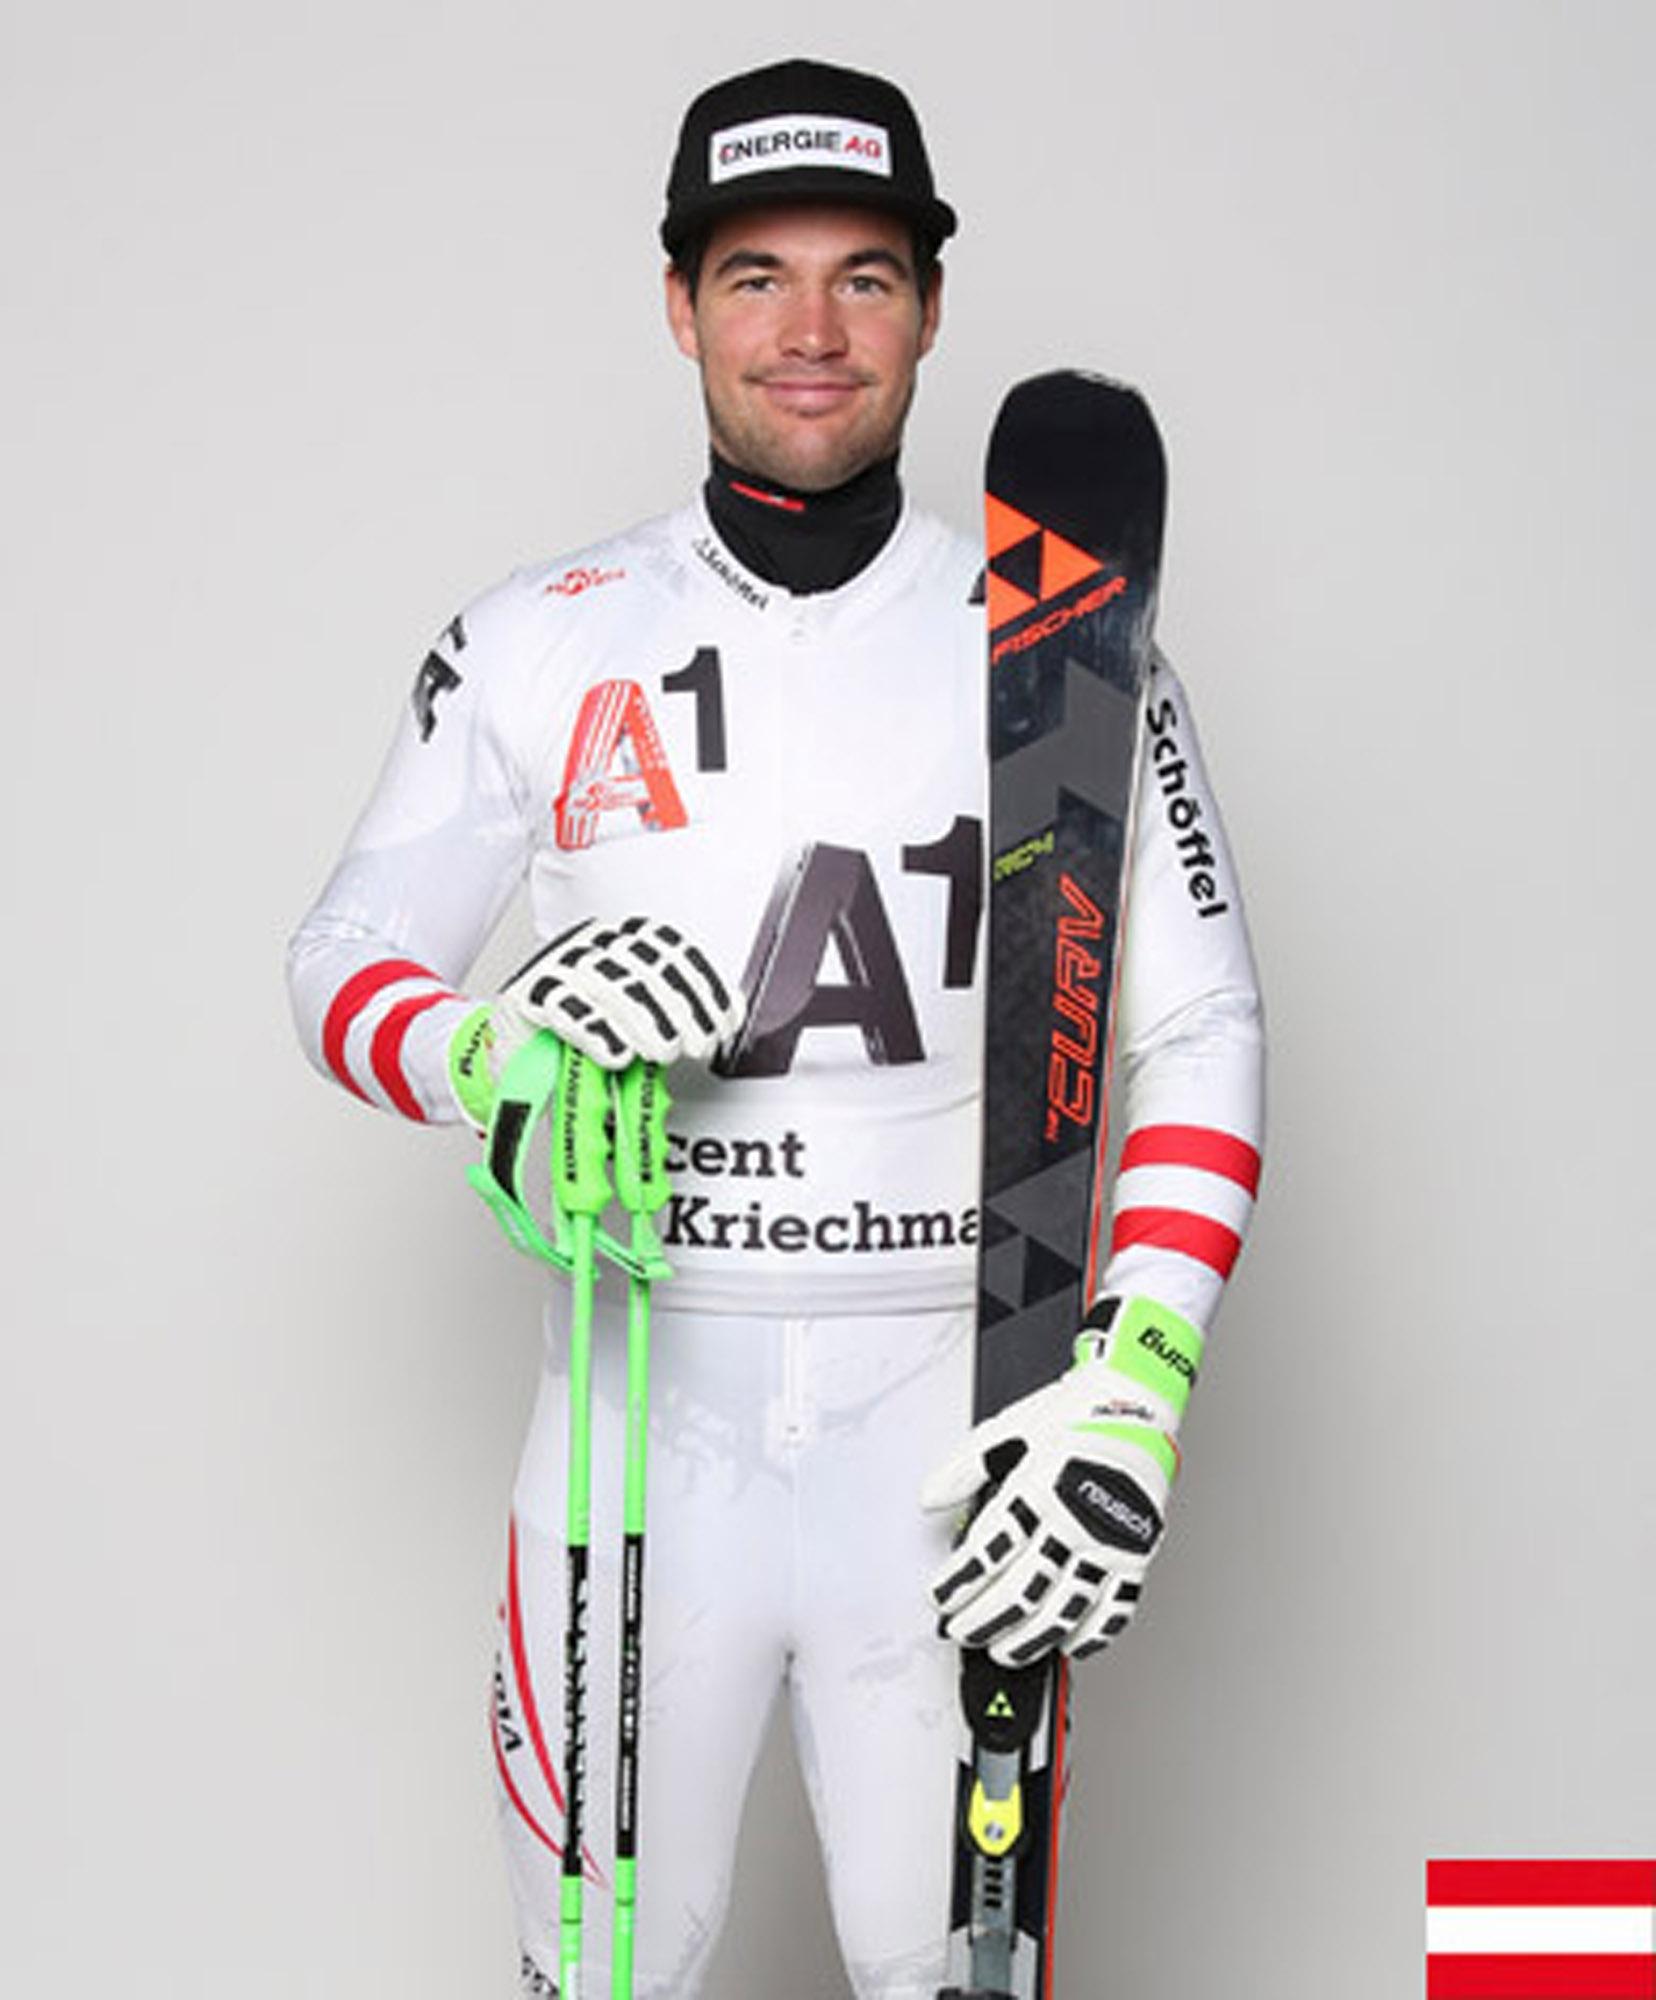 Vincent Kriechmayr